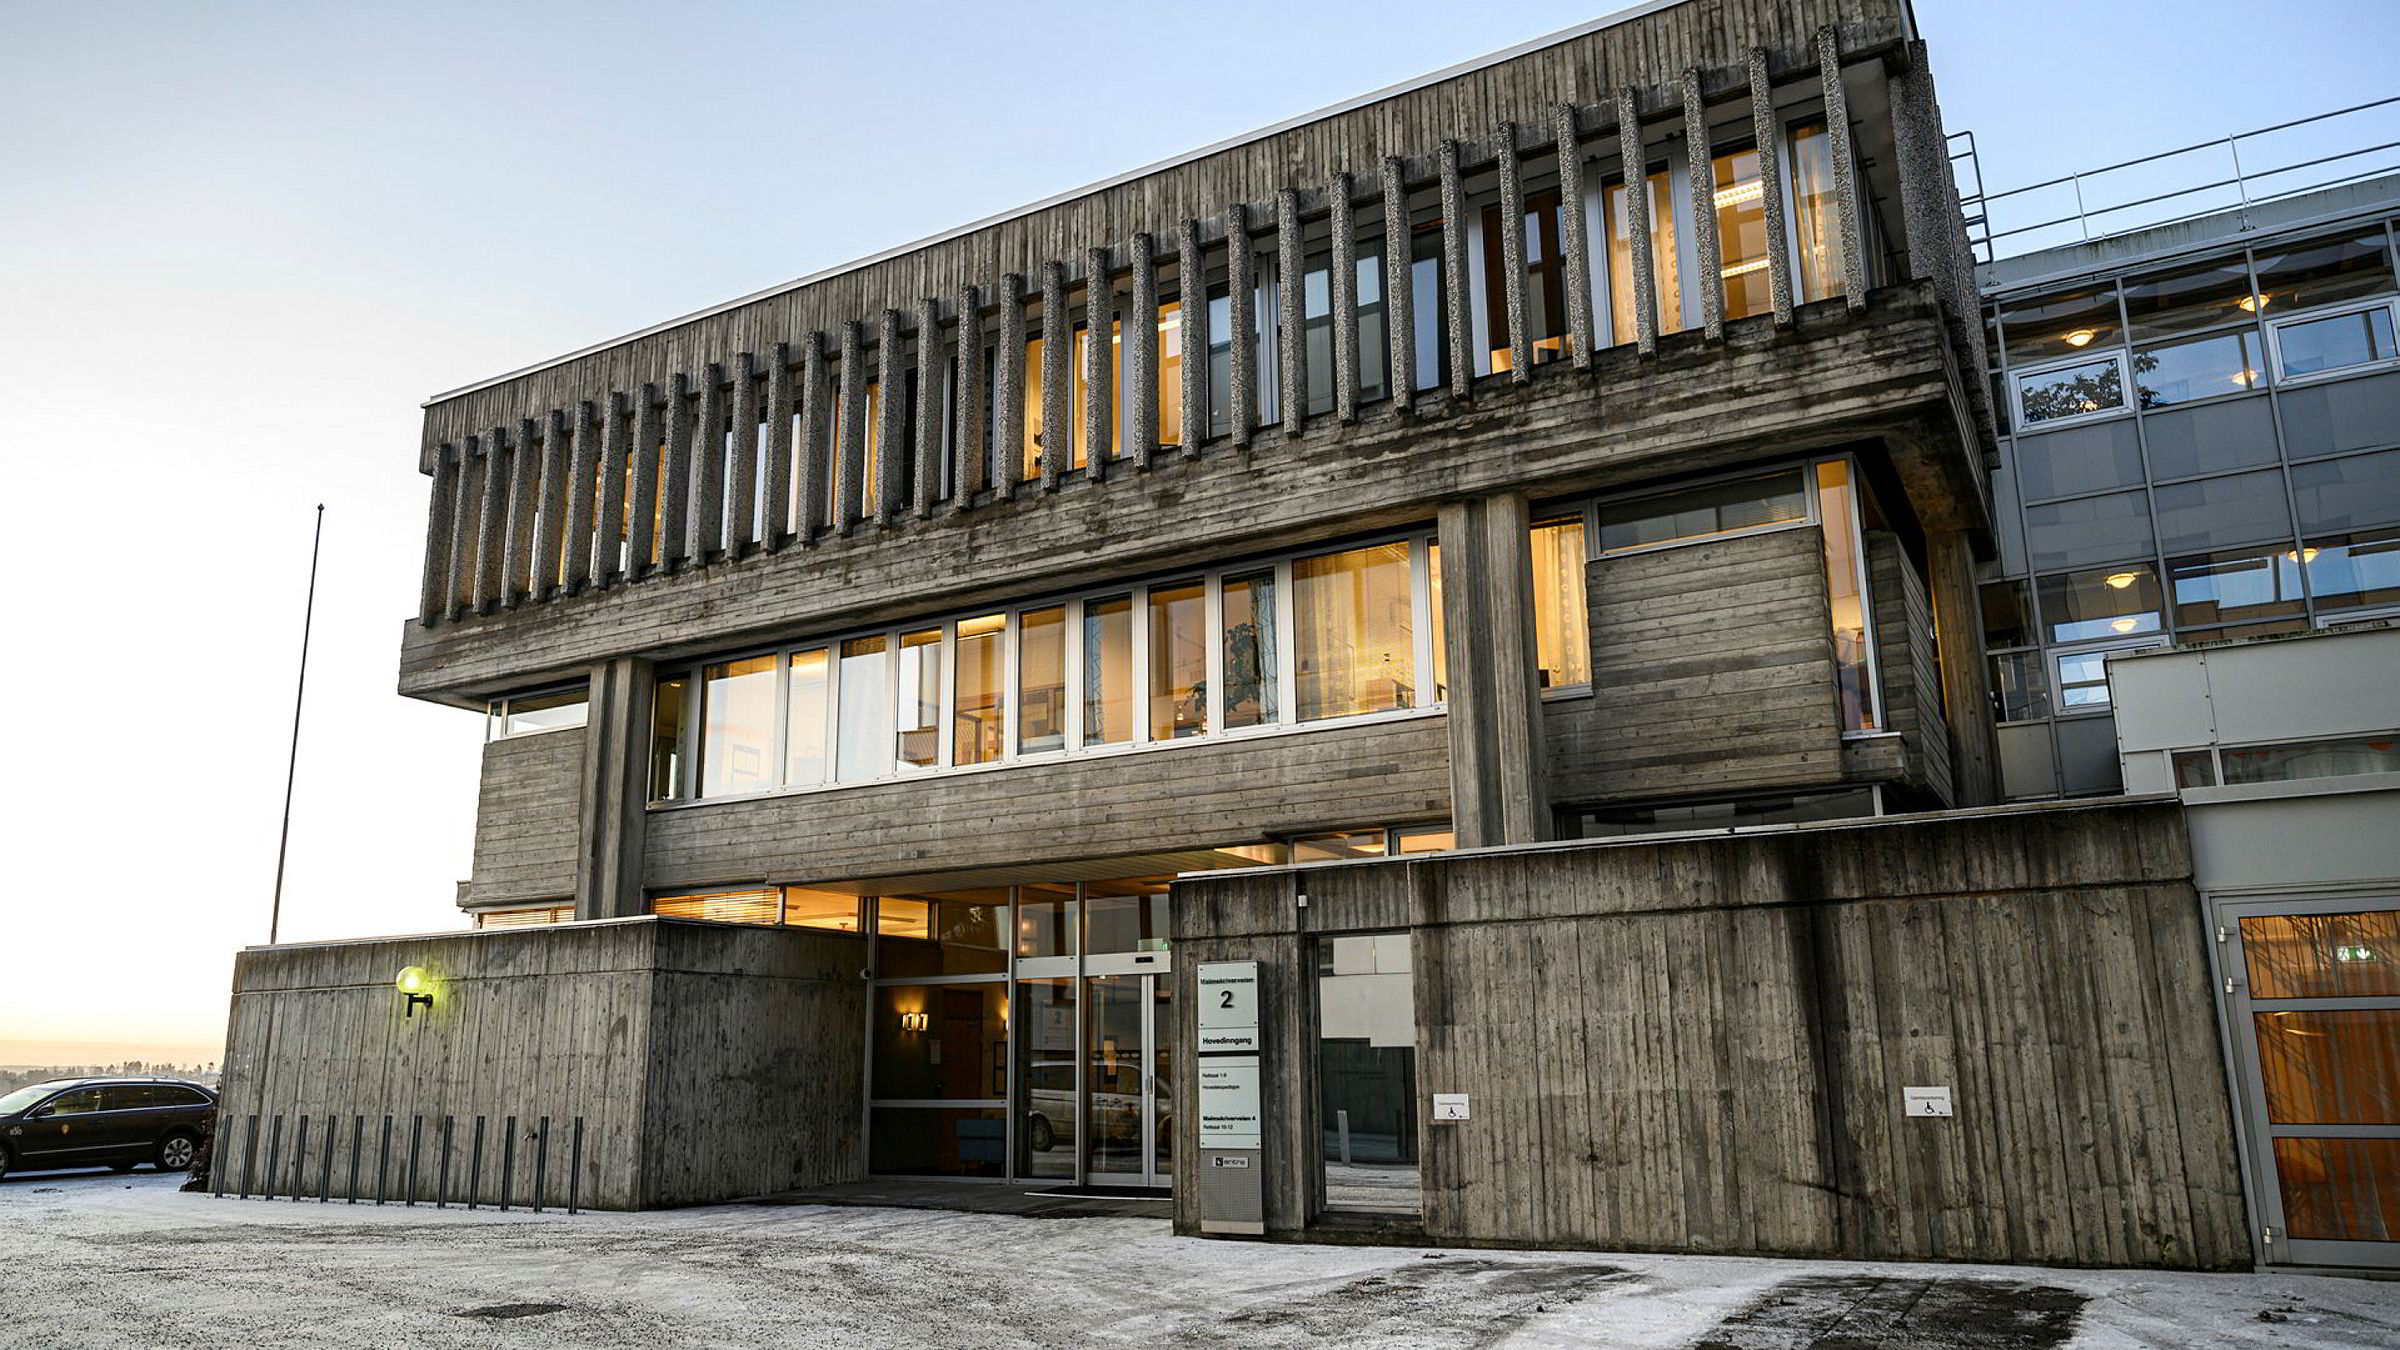 38 av 60 tingretter skal bort, har Domstolkommisjonen anbefalt. Dette skal føre til større fagmiljø og «moderat» spesialiserte dommere, skriver John-Petter Karlsen. Her Asker og Bærum tingrett.